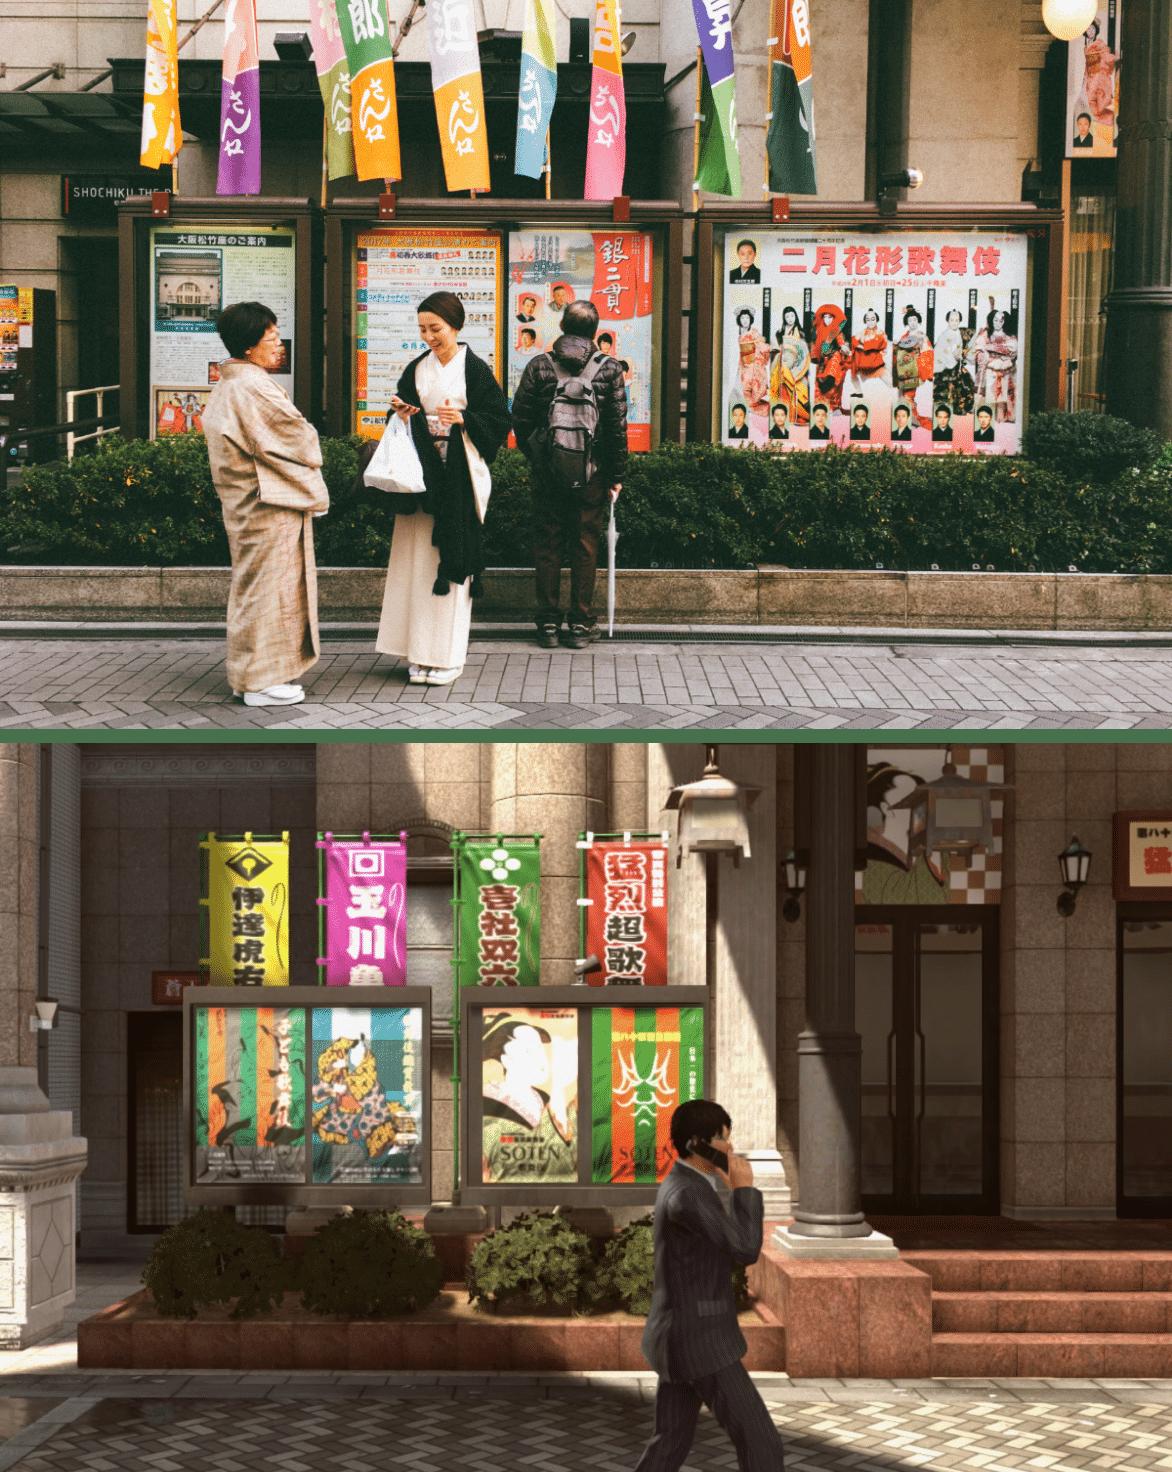 蒼天堀大街東側:實景/遊戲